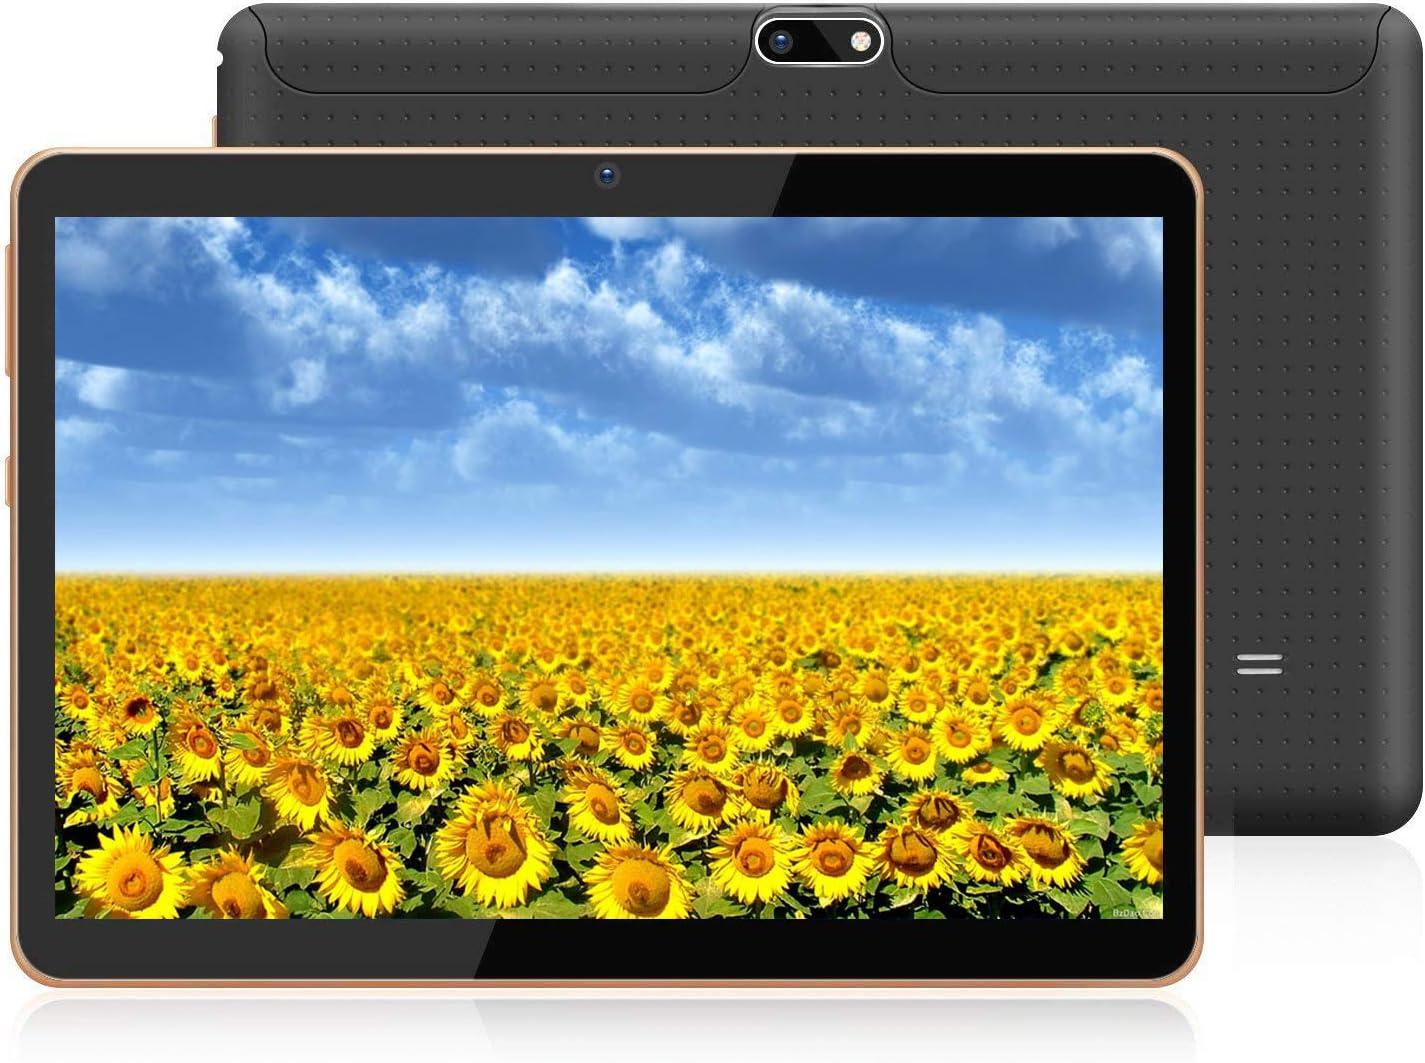 Tableta Android HXY con Pantalla IPS de Alta definición de 10.0 Pulgadas, Tableta Android 9.0 y 2 Ranuras para Tarjetas SIM, Quad-Core, 1.3GHz, 4GB + 64GB, Bluetooth, WLAN, GPS, cámara Dual, (Negro)